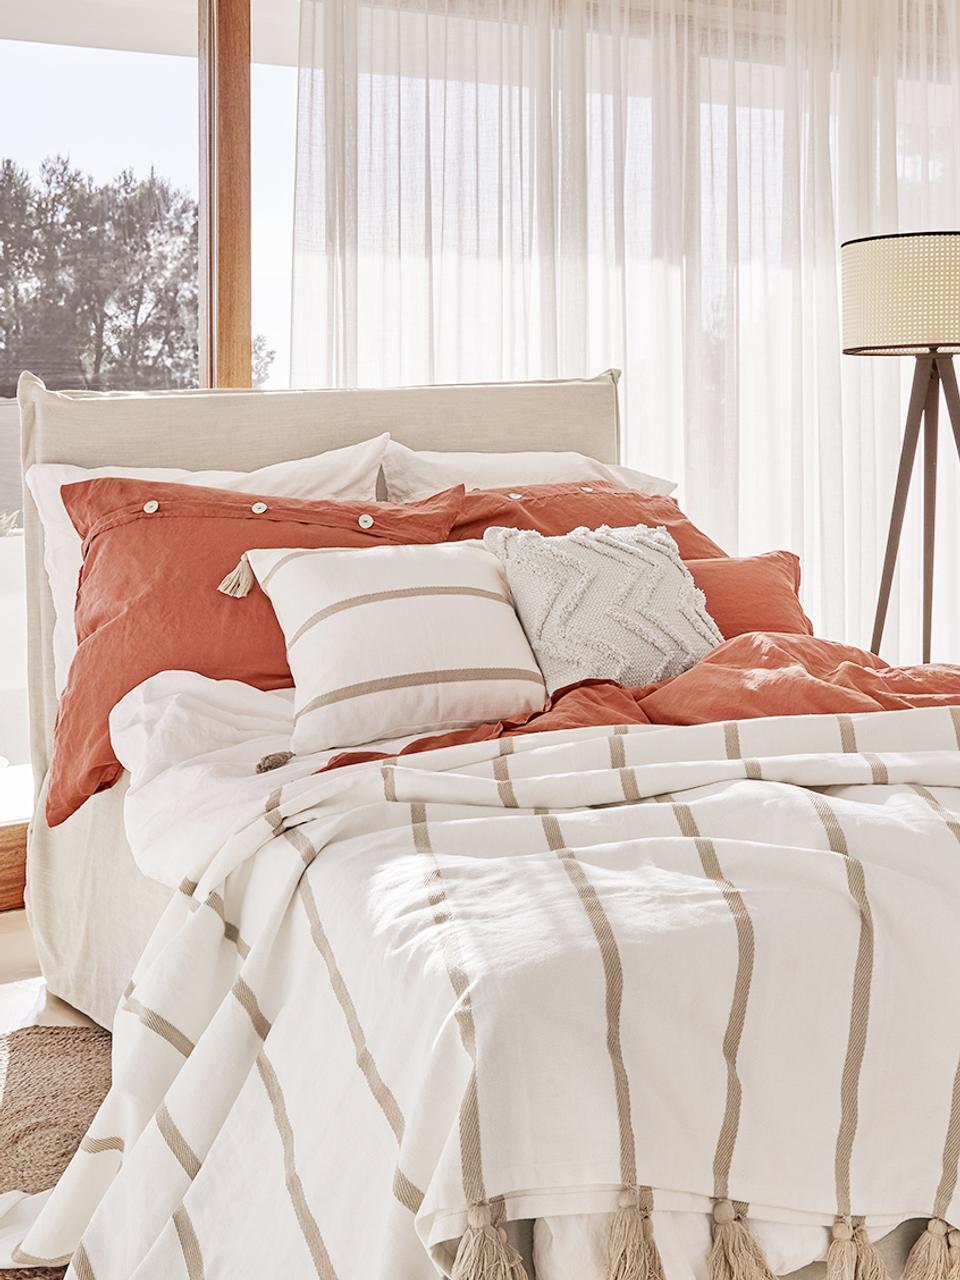 Łóżko kontynentalne premium Violet, Nogi: lite drewno bukowe, lakie, Beżowy, 180 x 200 cm